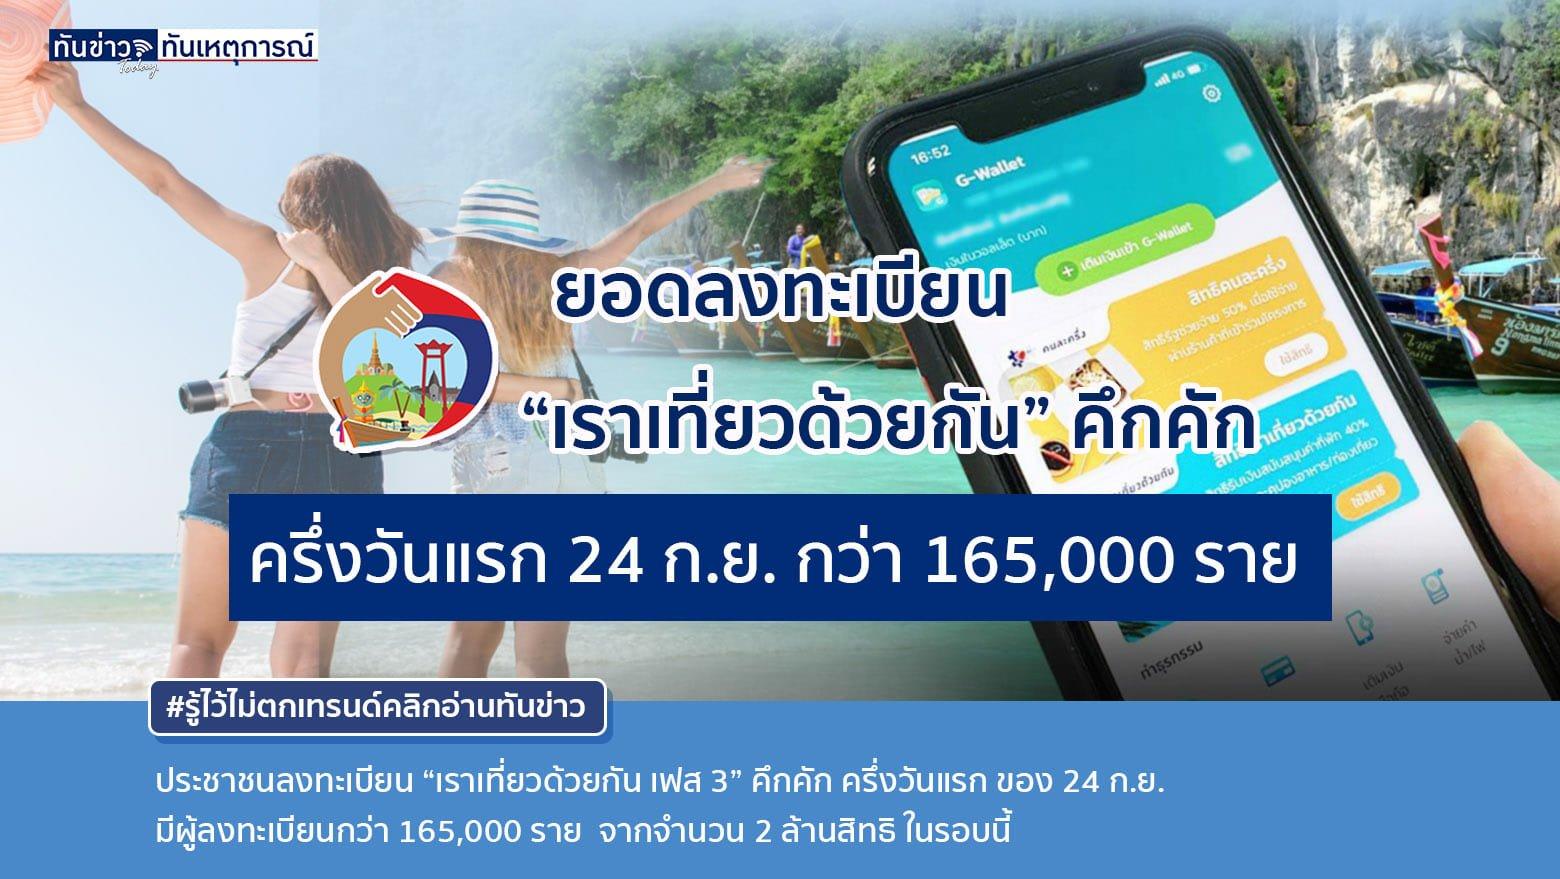 """ประชาชนตอบรับโครงการ """"เราเที่ยวด้วยกัน"""" """"ทัวร์เที่ยวไทย"""" คึกคักหลังเปิดลงทะเบียนวันแรก 24 ก.ย. กว่า 165,000 ราย"""